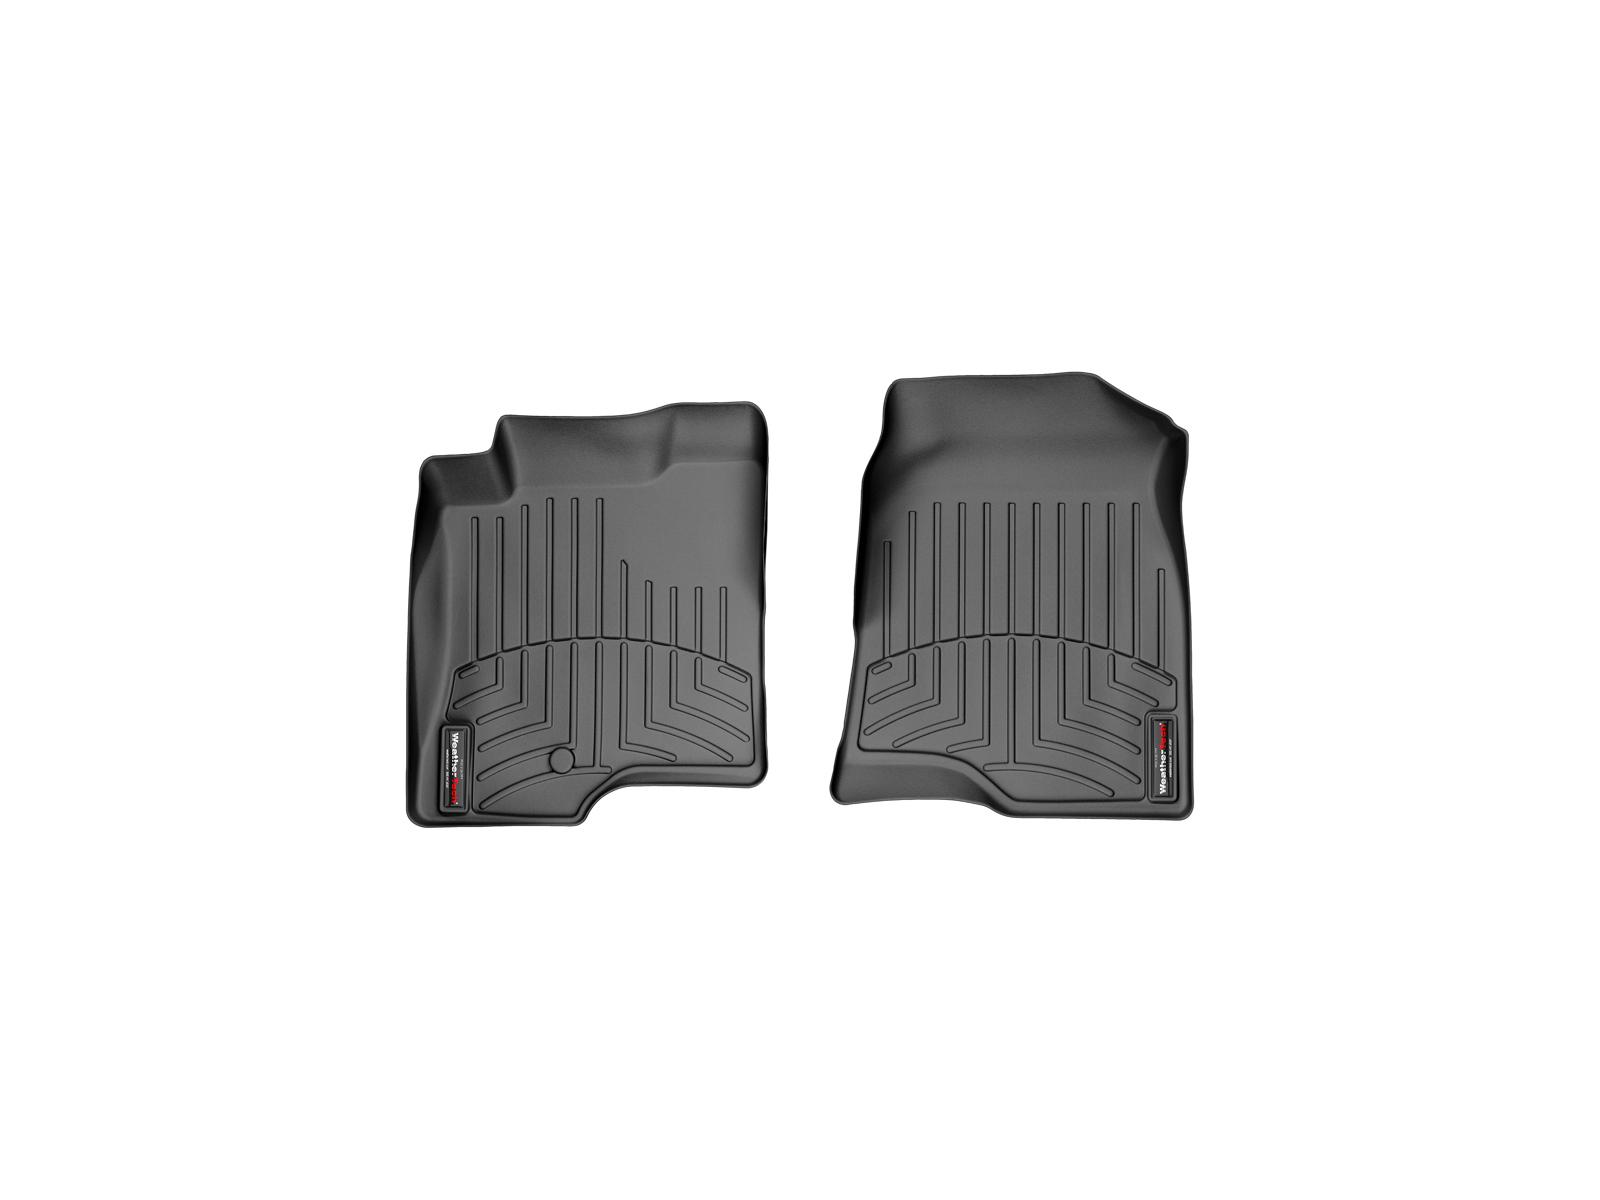 Tappeti gomma su misura bordo alto Opel Antara 06>14 Nero A2949